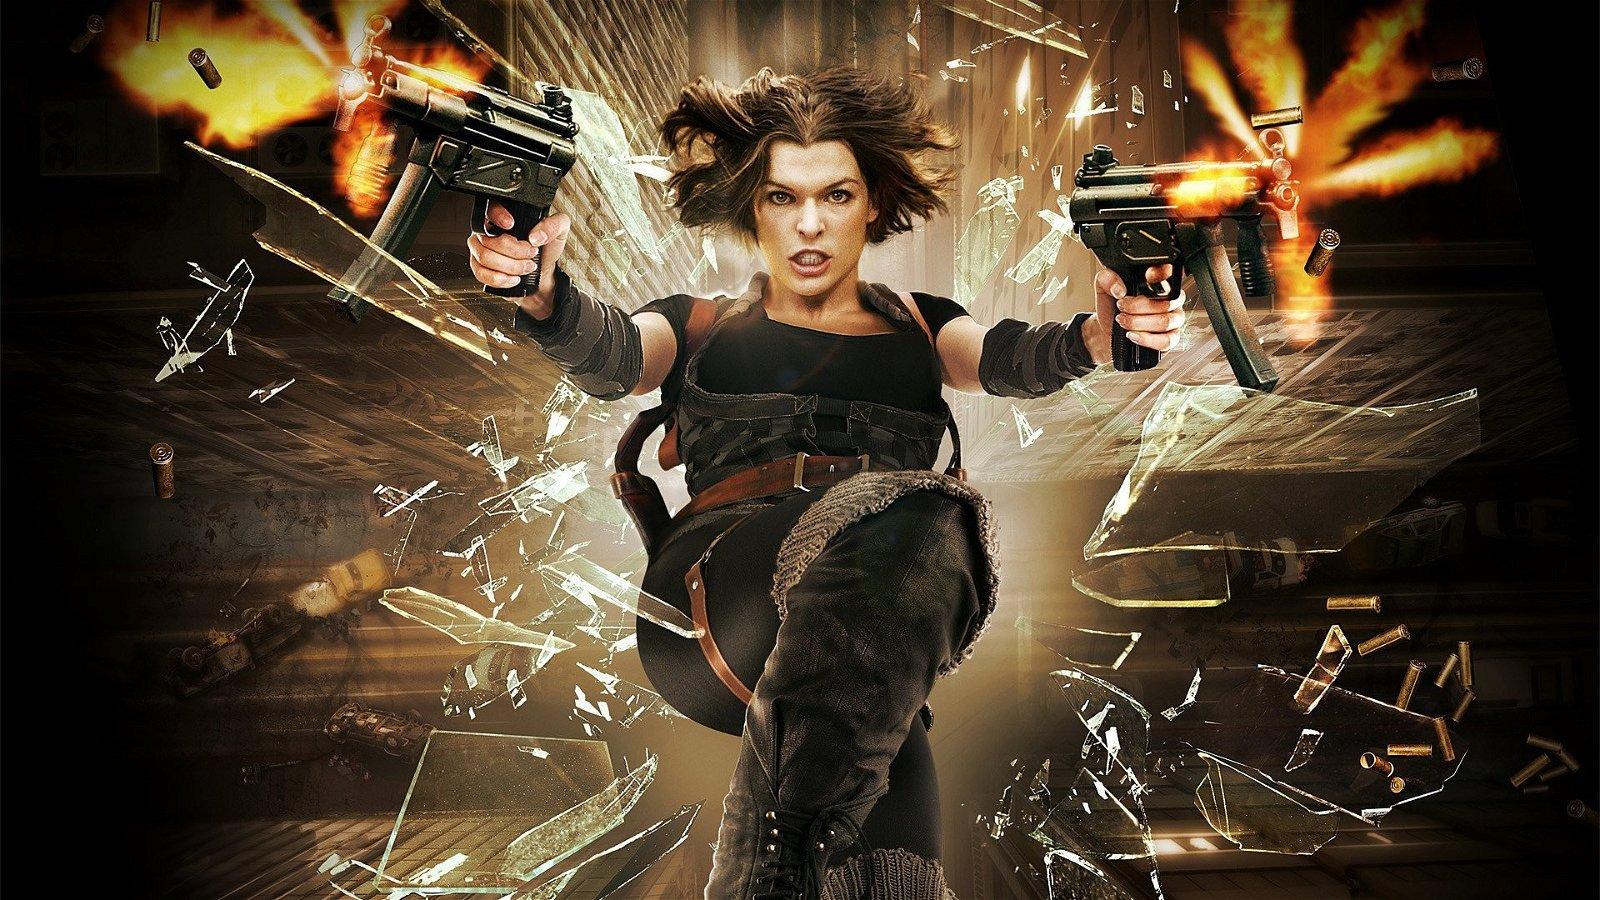 10 adaptaciones cinematográficas de videojuegos